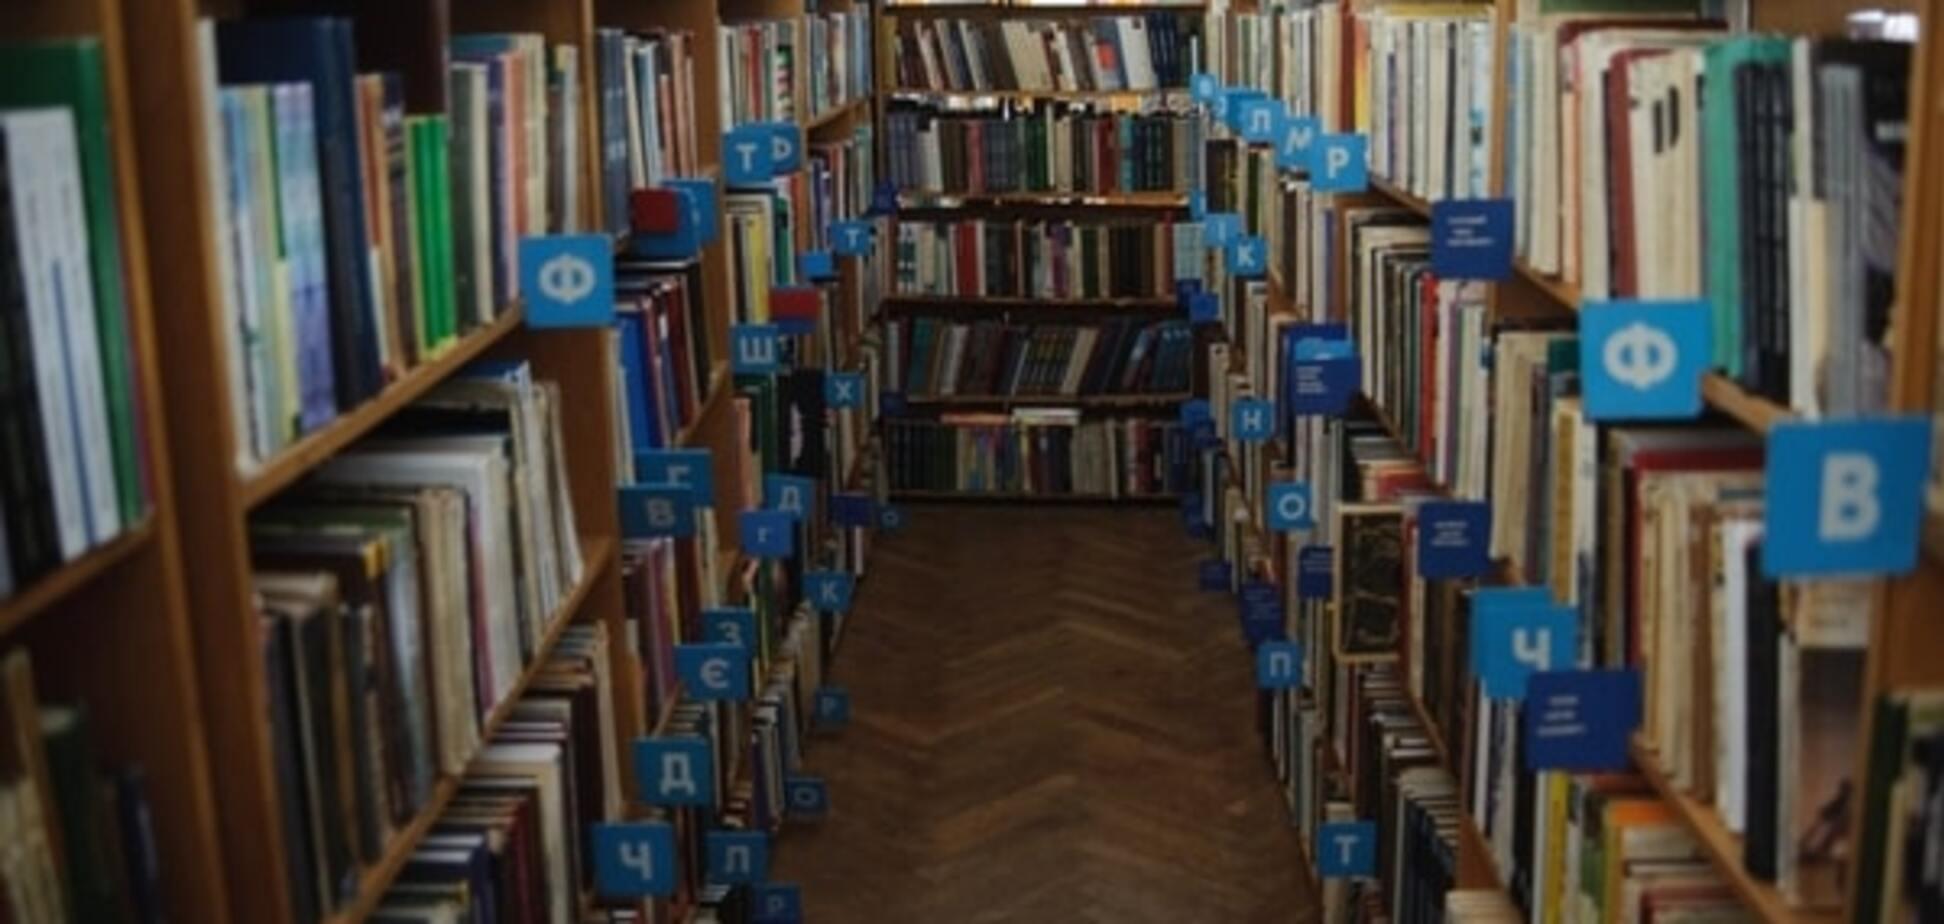 В Москве ОМОН изъял из украинской библиотеки журнал 'Барвинок' за 'экстремизм'